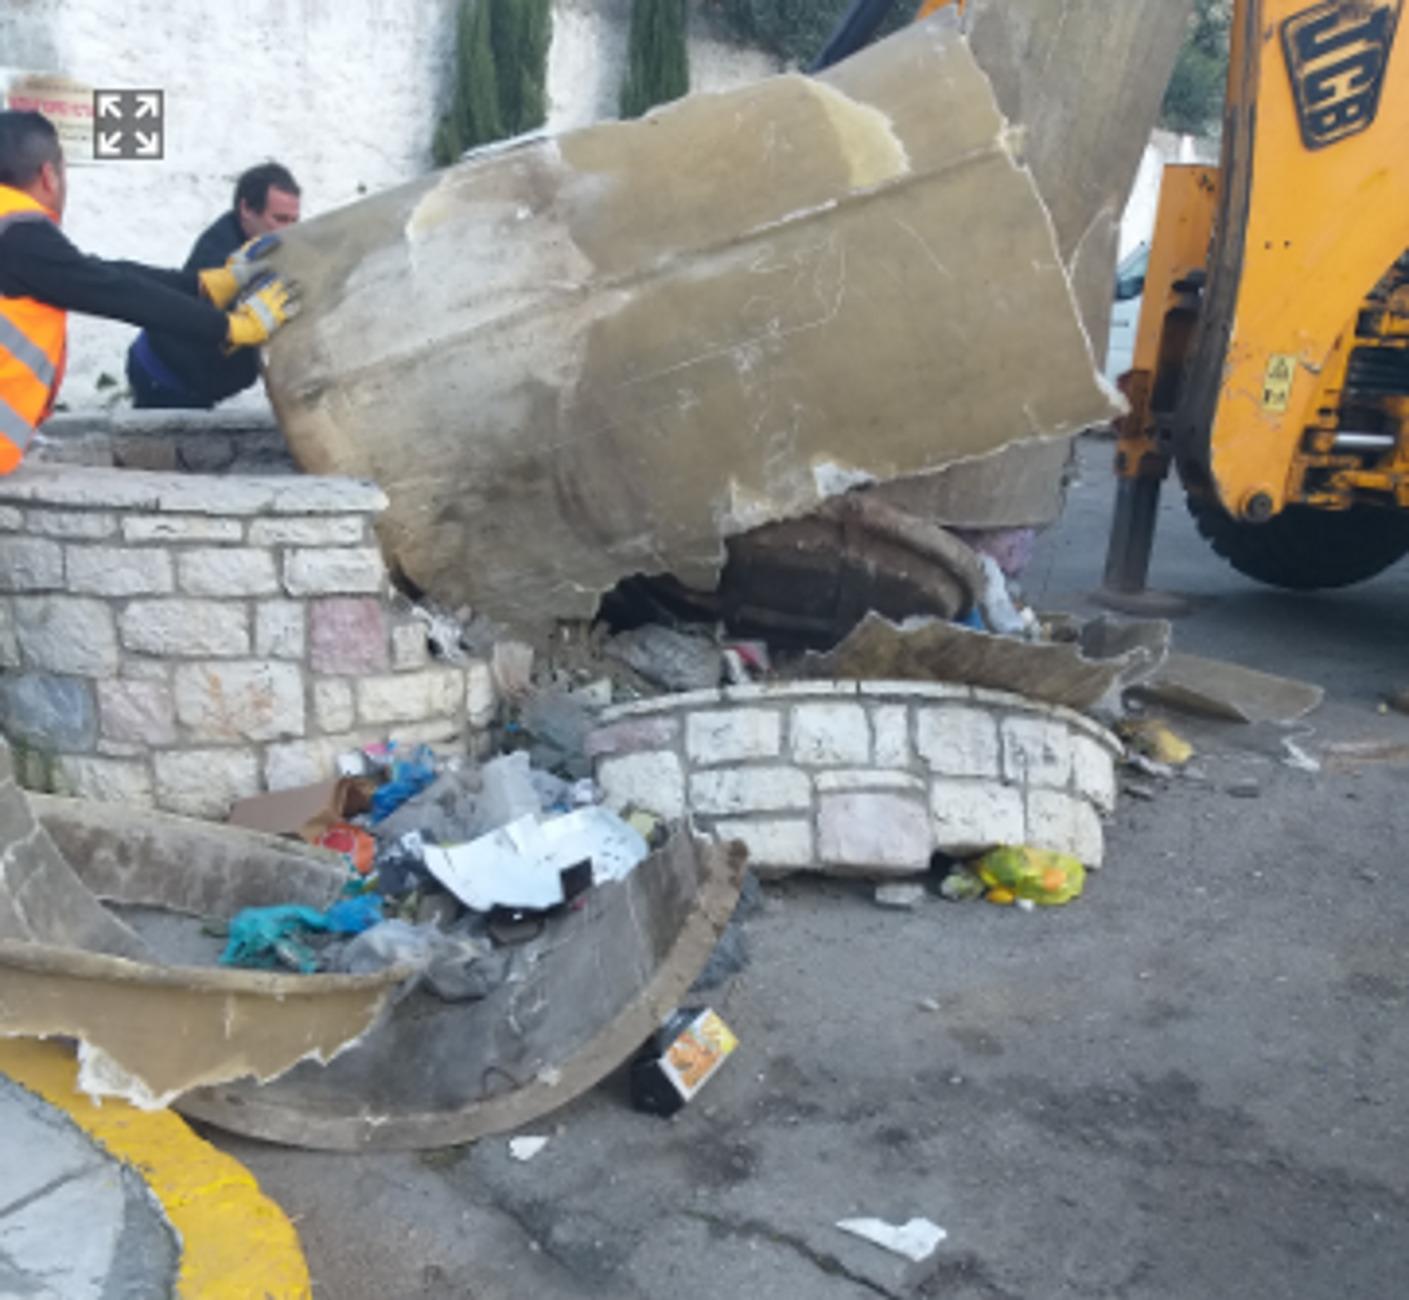 Καλαμάτα: Πλησίασαν τον υπόγειο κάδο σκουπιδιών και είδαν αυτές τις εικόνες! Η εξήγηση που προκάλεσε οργή (Φωτό)